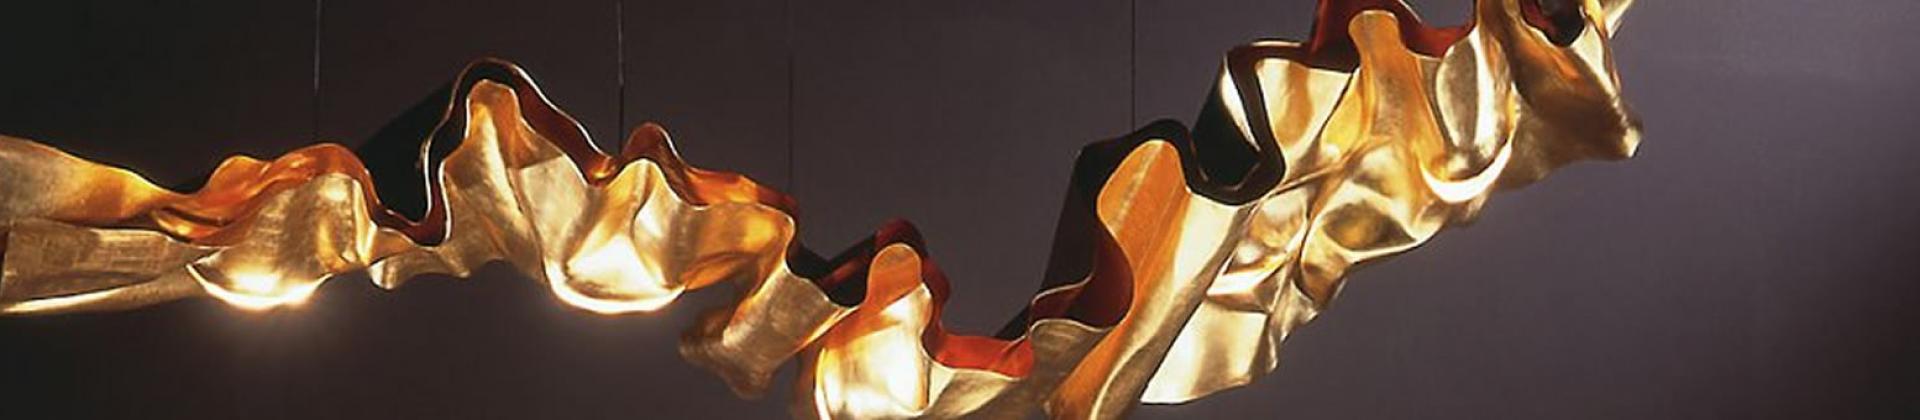 Don quixote Ingo Maurer - Lámparas de diseño